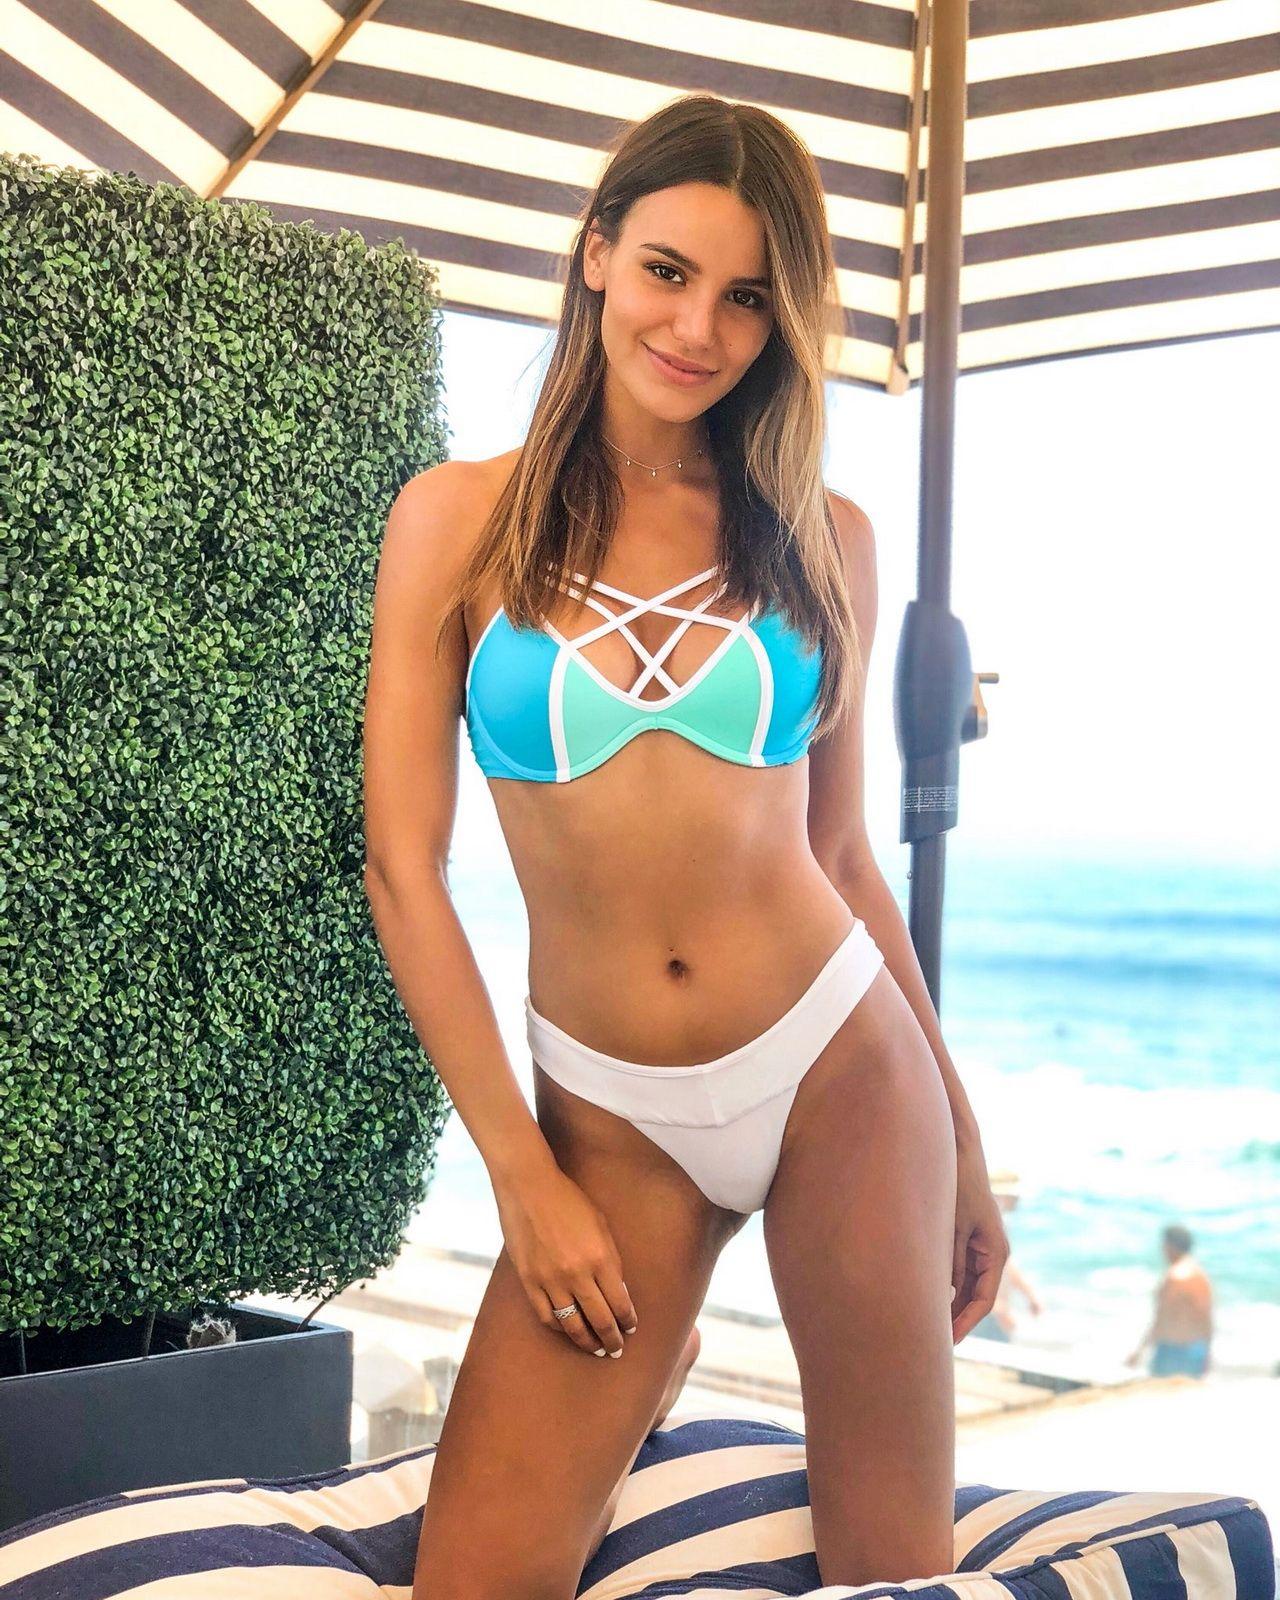 Bikini Madison Reed nude photos 2019